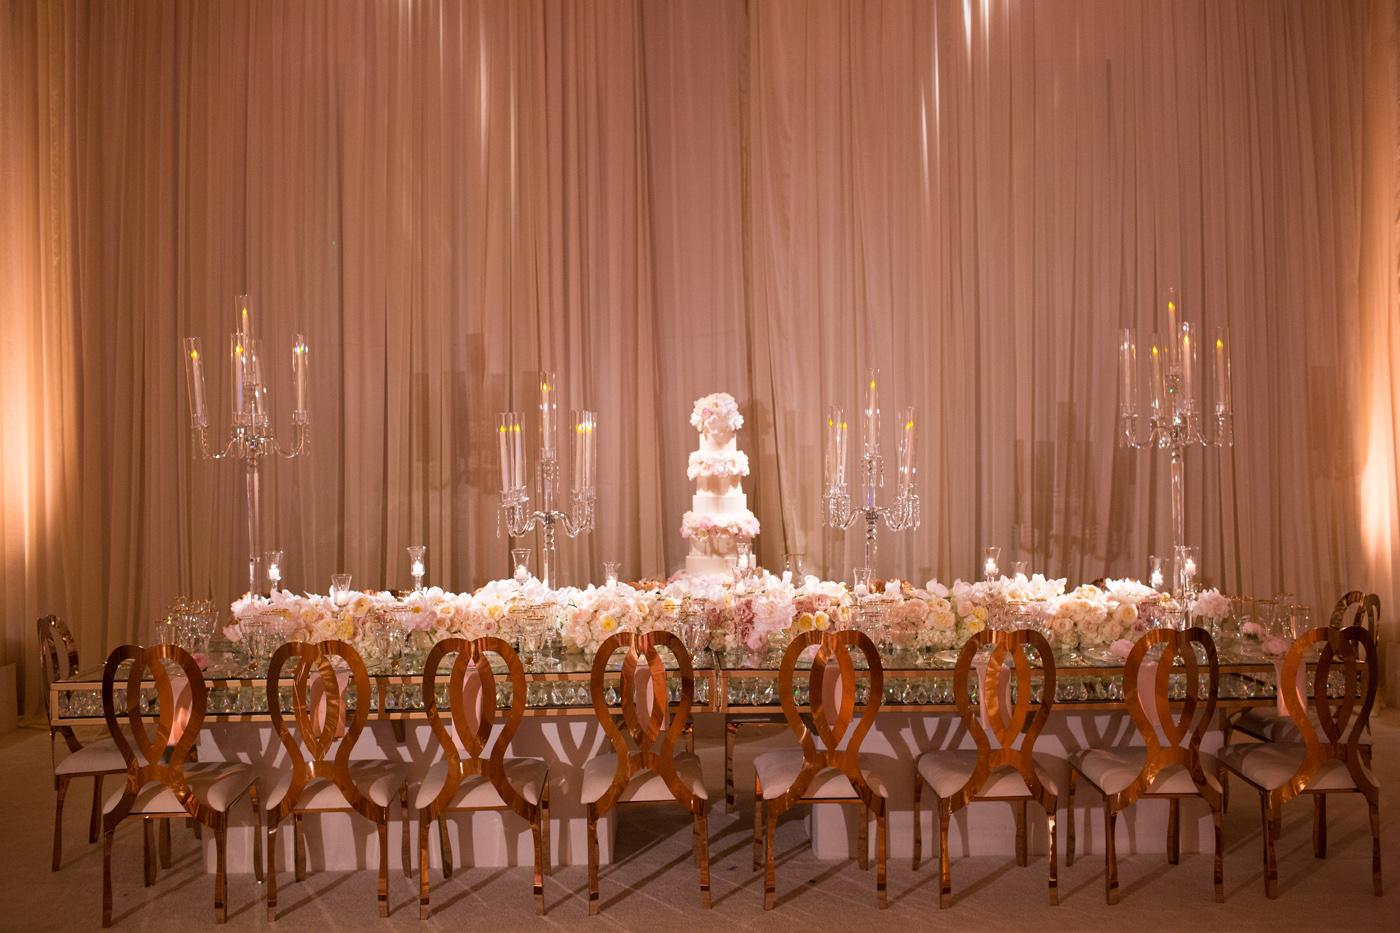 087_DukePhotography_DukeImages_Wedding_Details.jpg